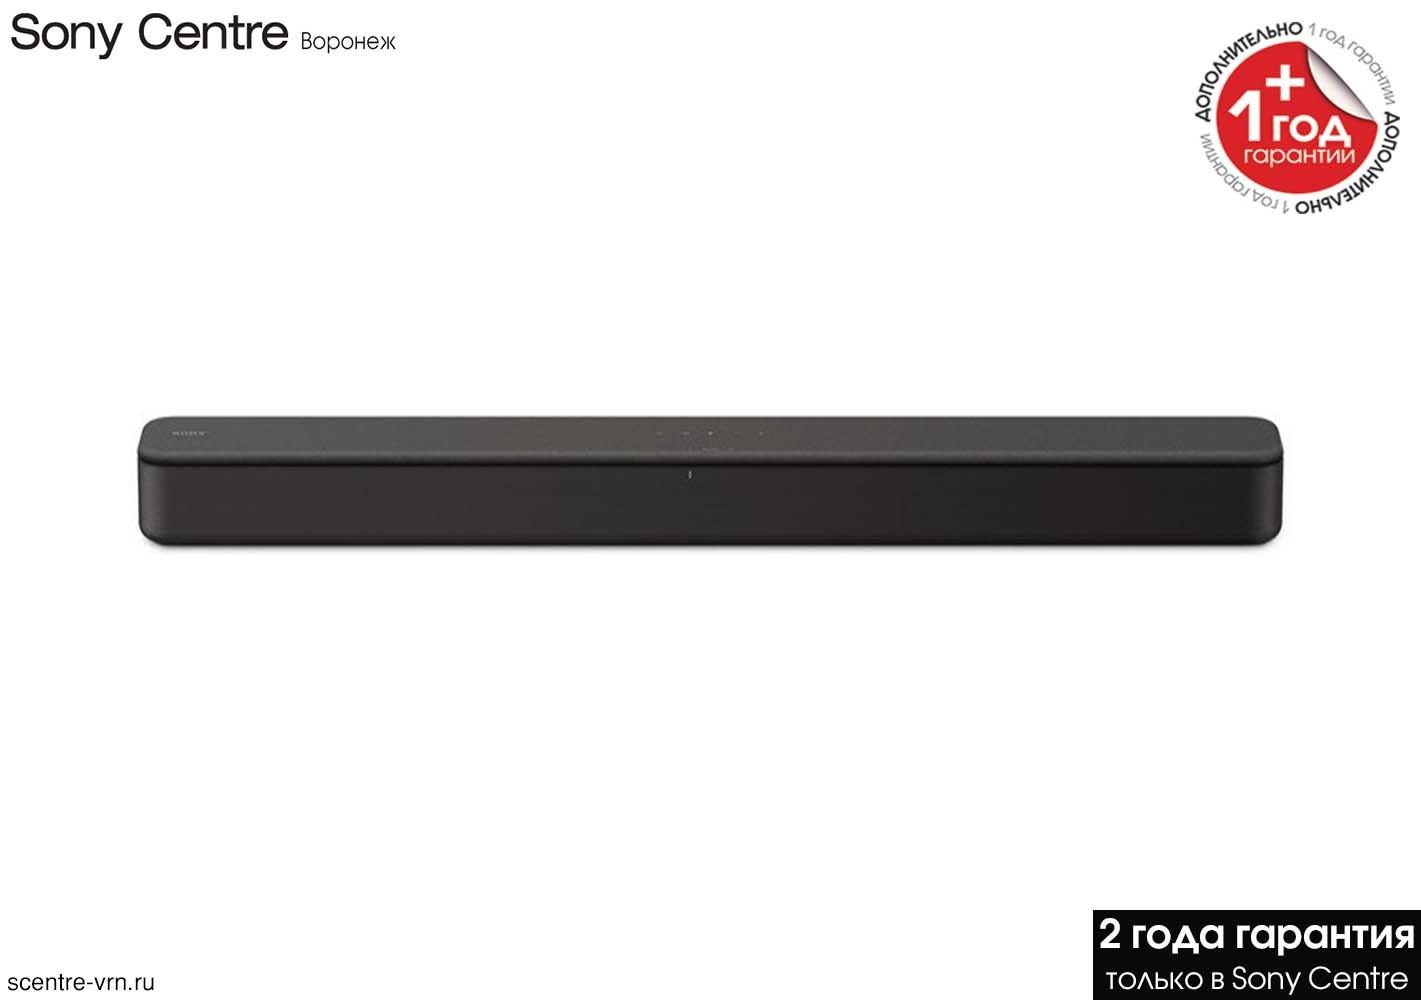 Купить саундбар Sony HT-SF150 у официального дилера